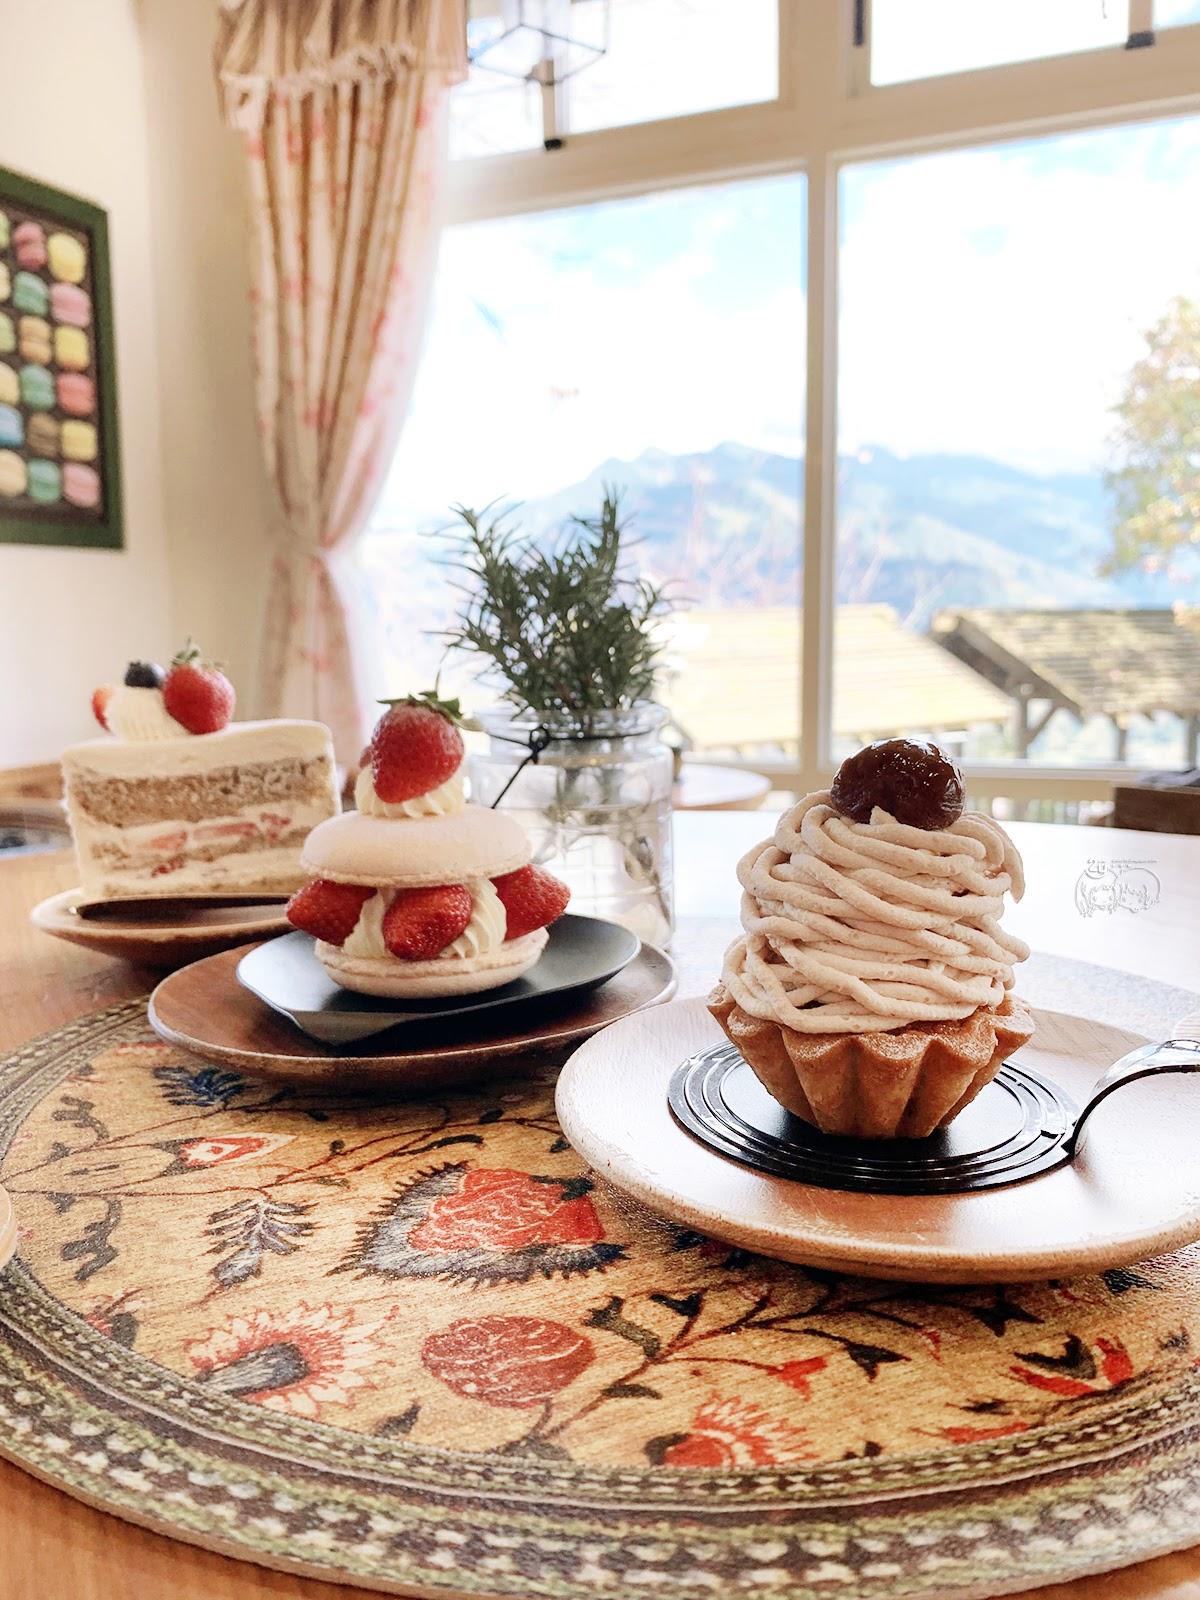 南投|仁愛鄉 蒙塔妮手作甜點Pâtisserie à la Montagne |山中鄉村小屋|清淨秘境甜點